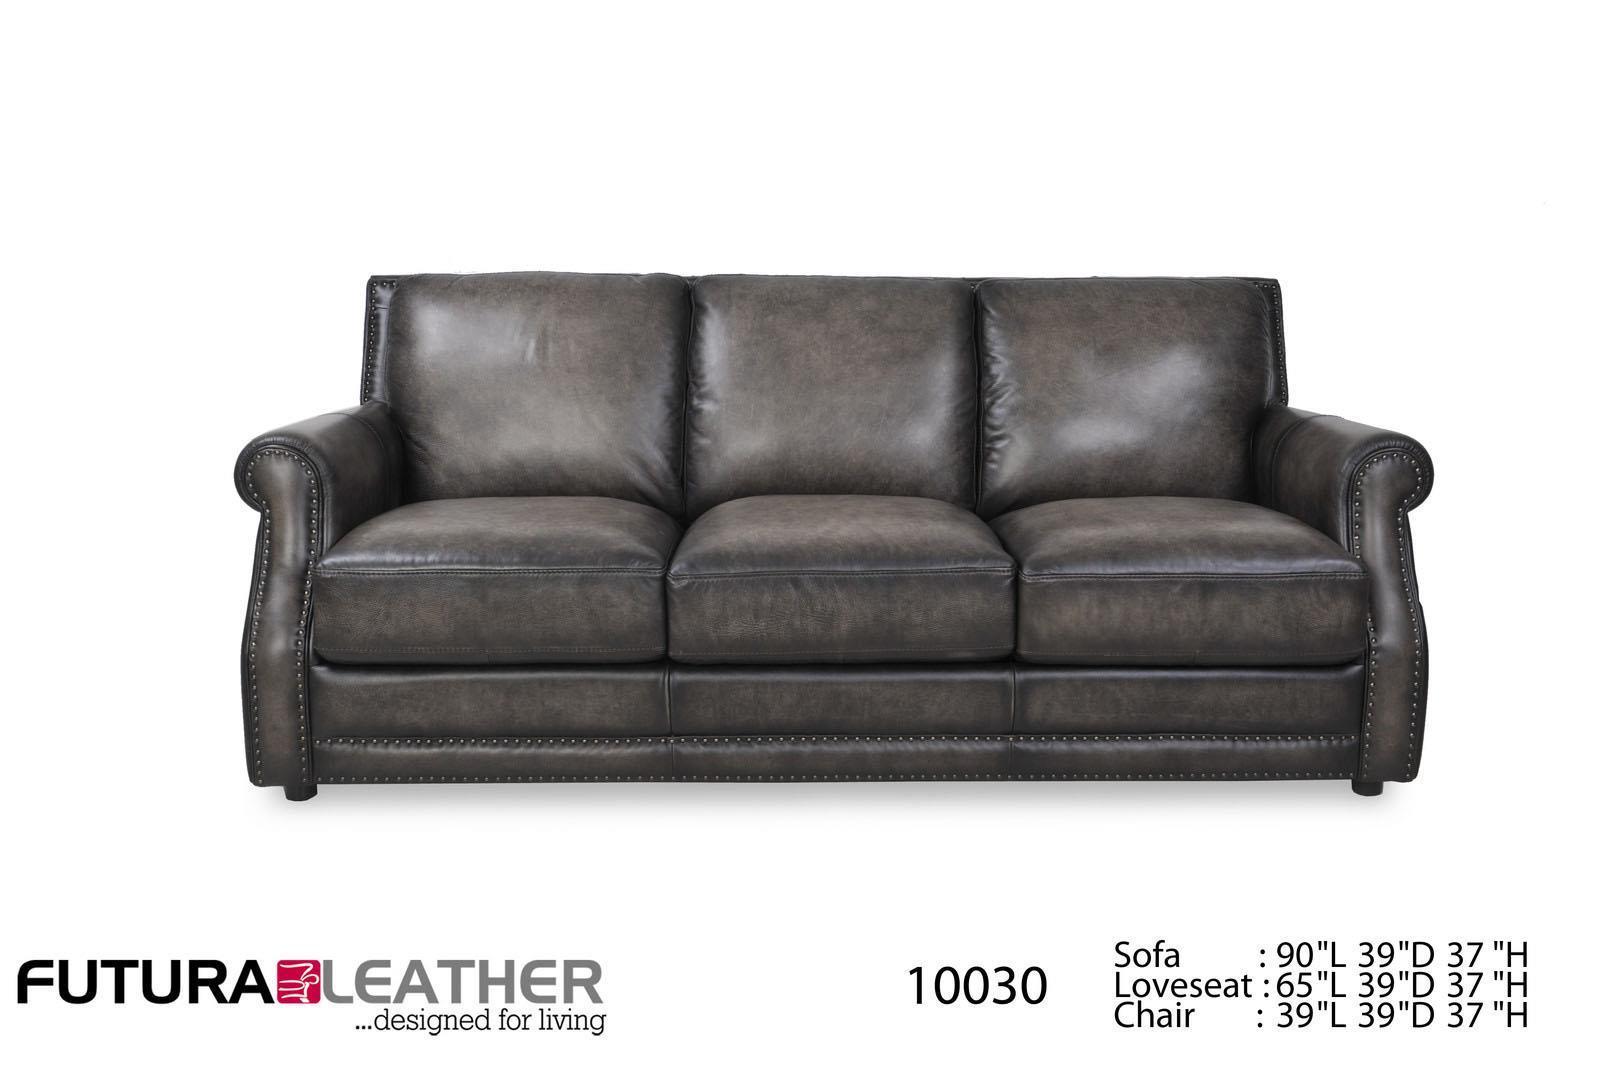 Superieur Futura Leather Fusion Fusion Charcoal Leather Sofa